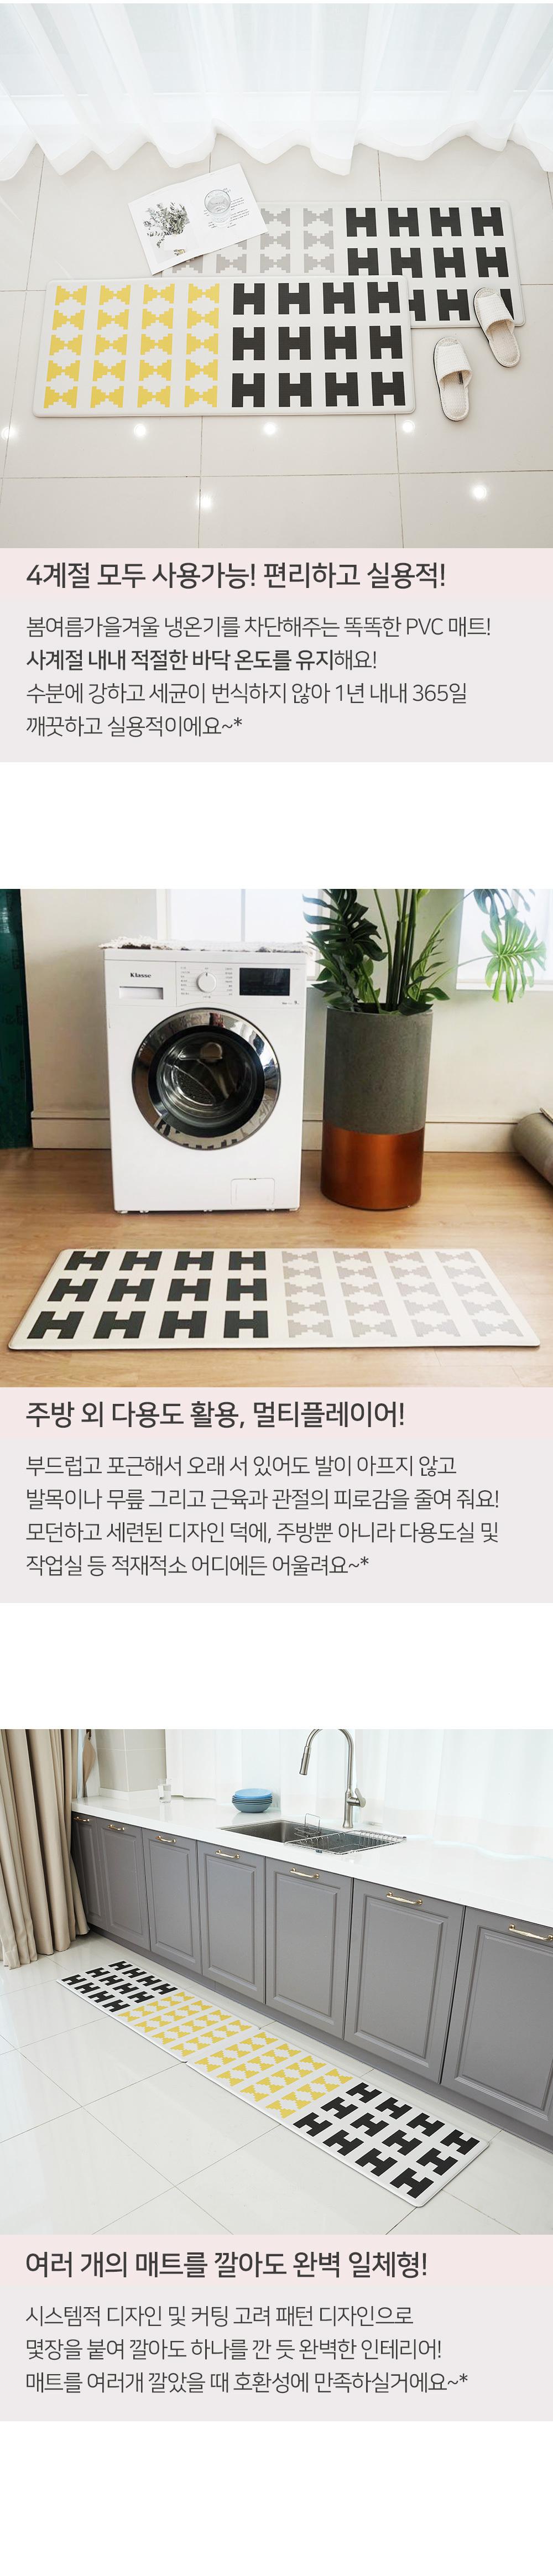 4계절 사용 실용적, 주방외 다용도 활용 등 바이빔 pvc 주방매트 장점